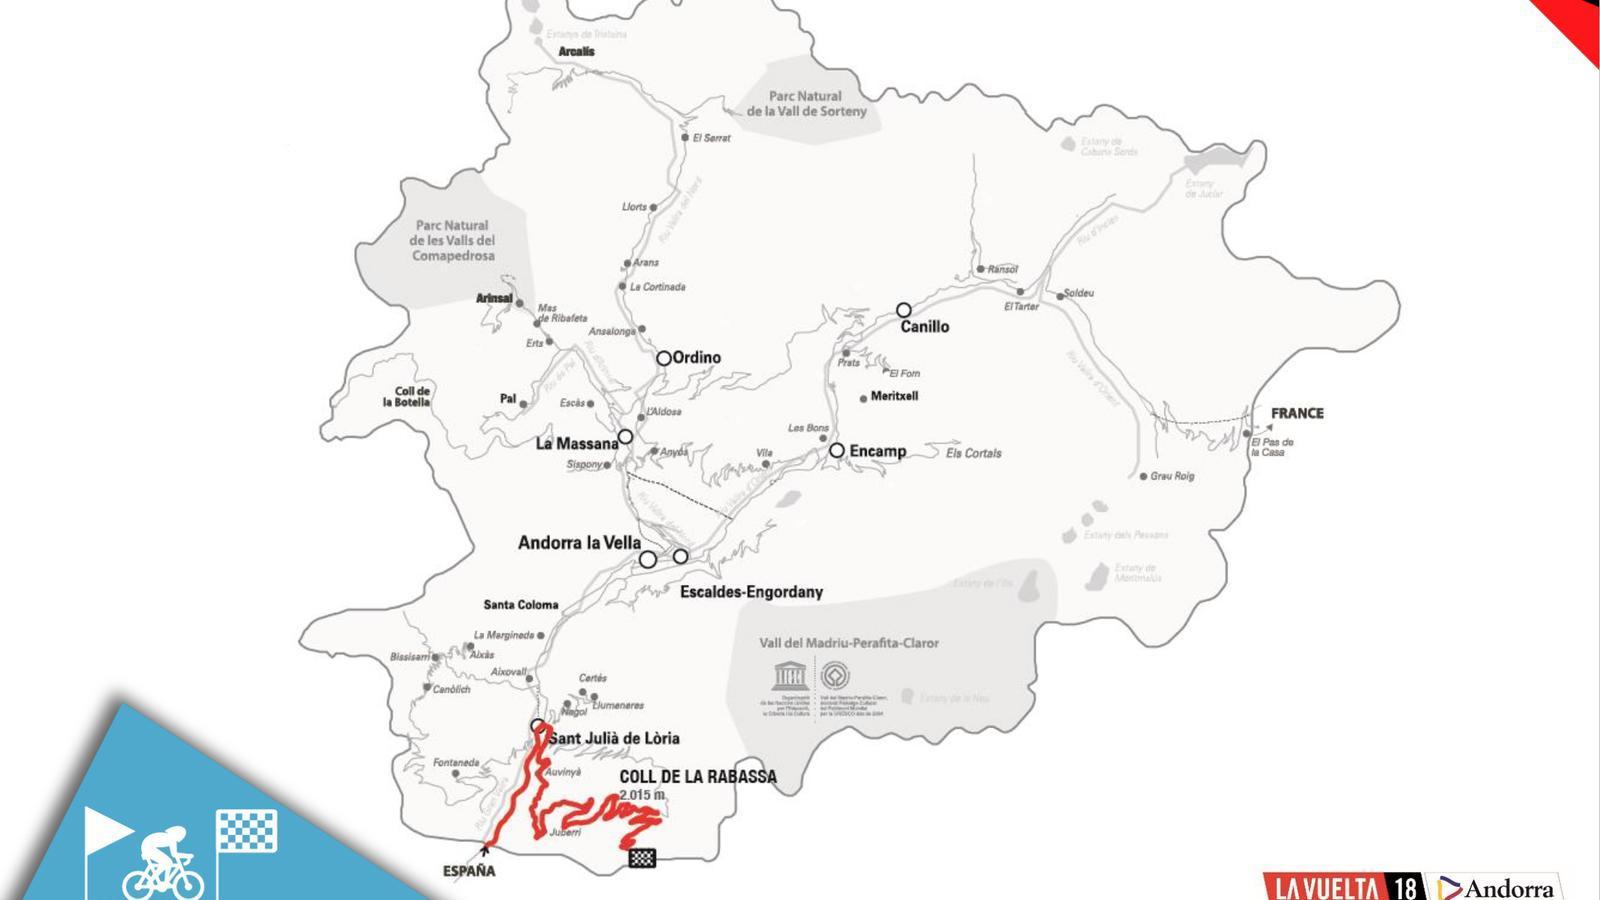 Recorregut de l'arribada de la 19a etapa de la Vuelta el 14 de setembre